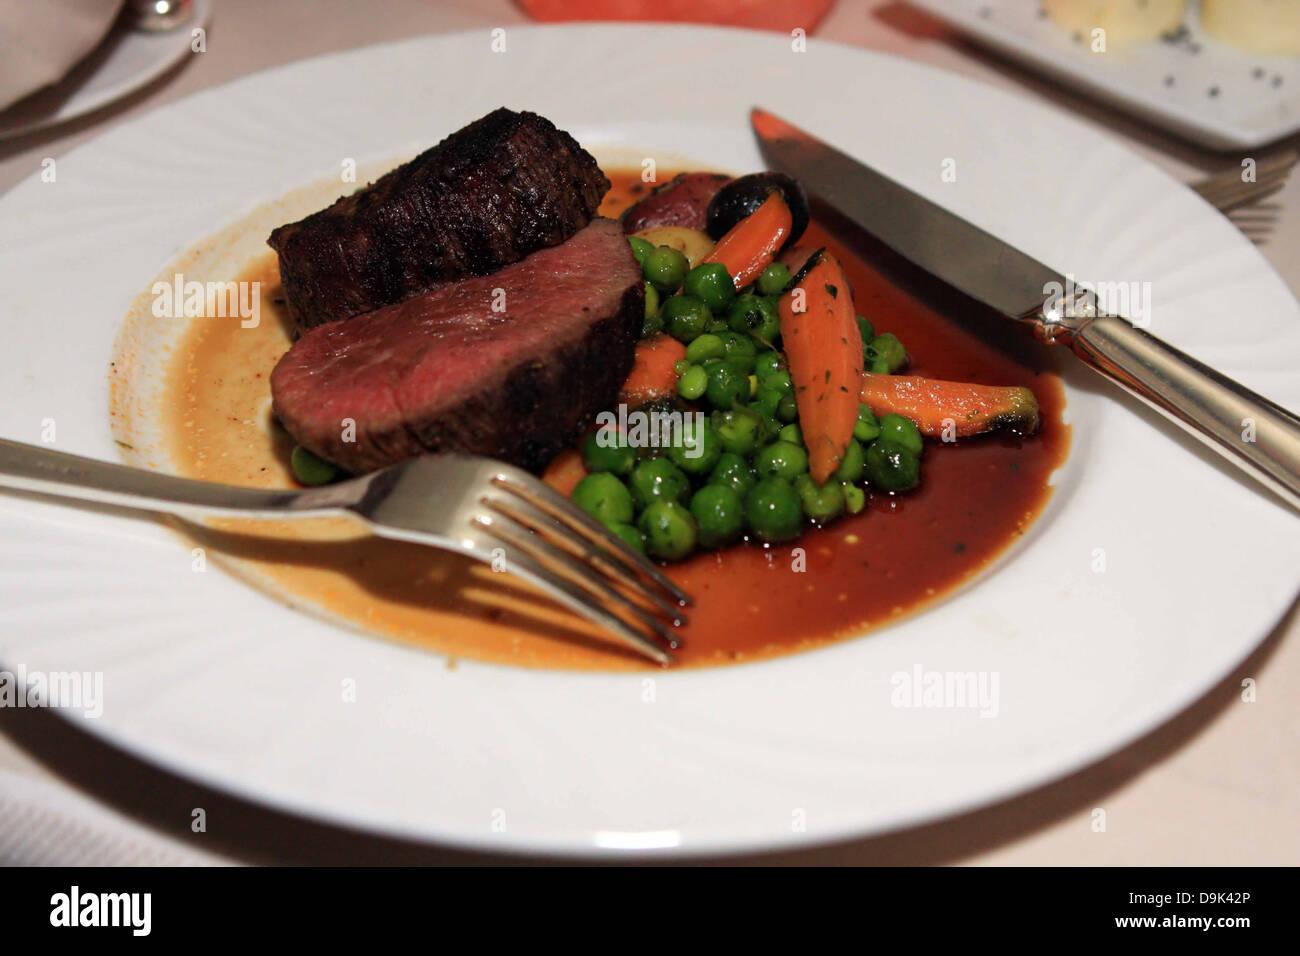 Dîner Souper repas manger des aliments viande de boeuf carottes petits pois frais rare plaque fourche couteau Photo Stock